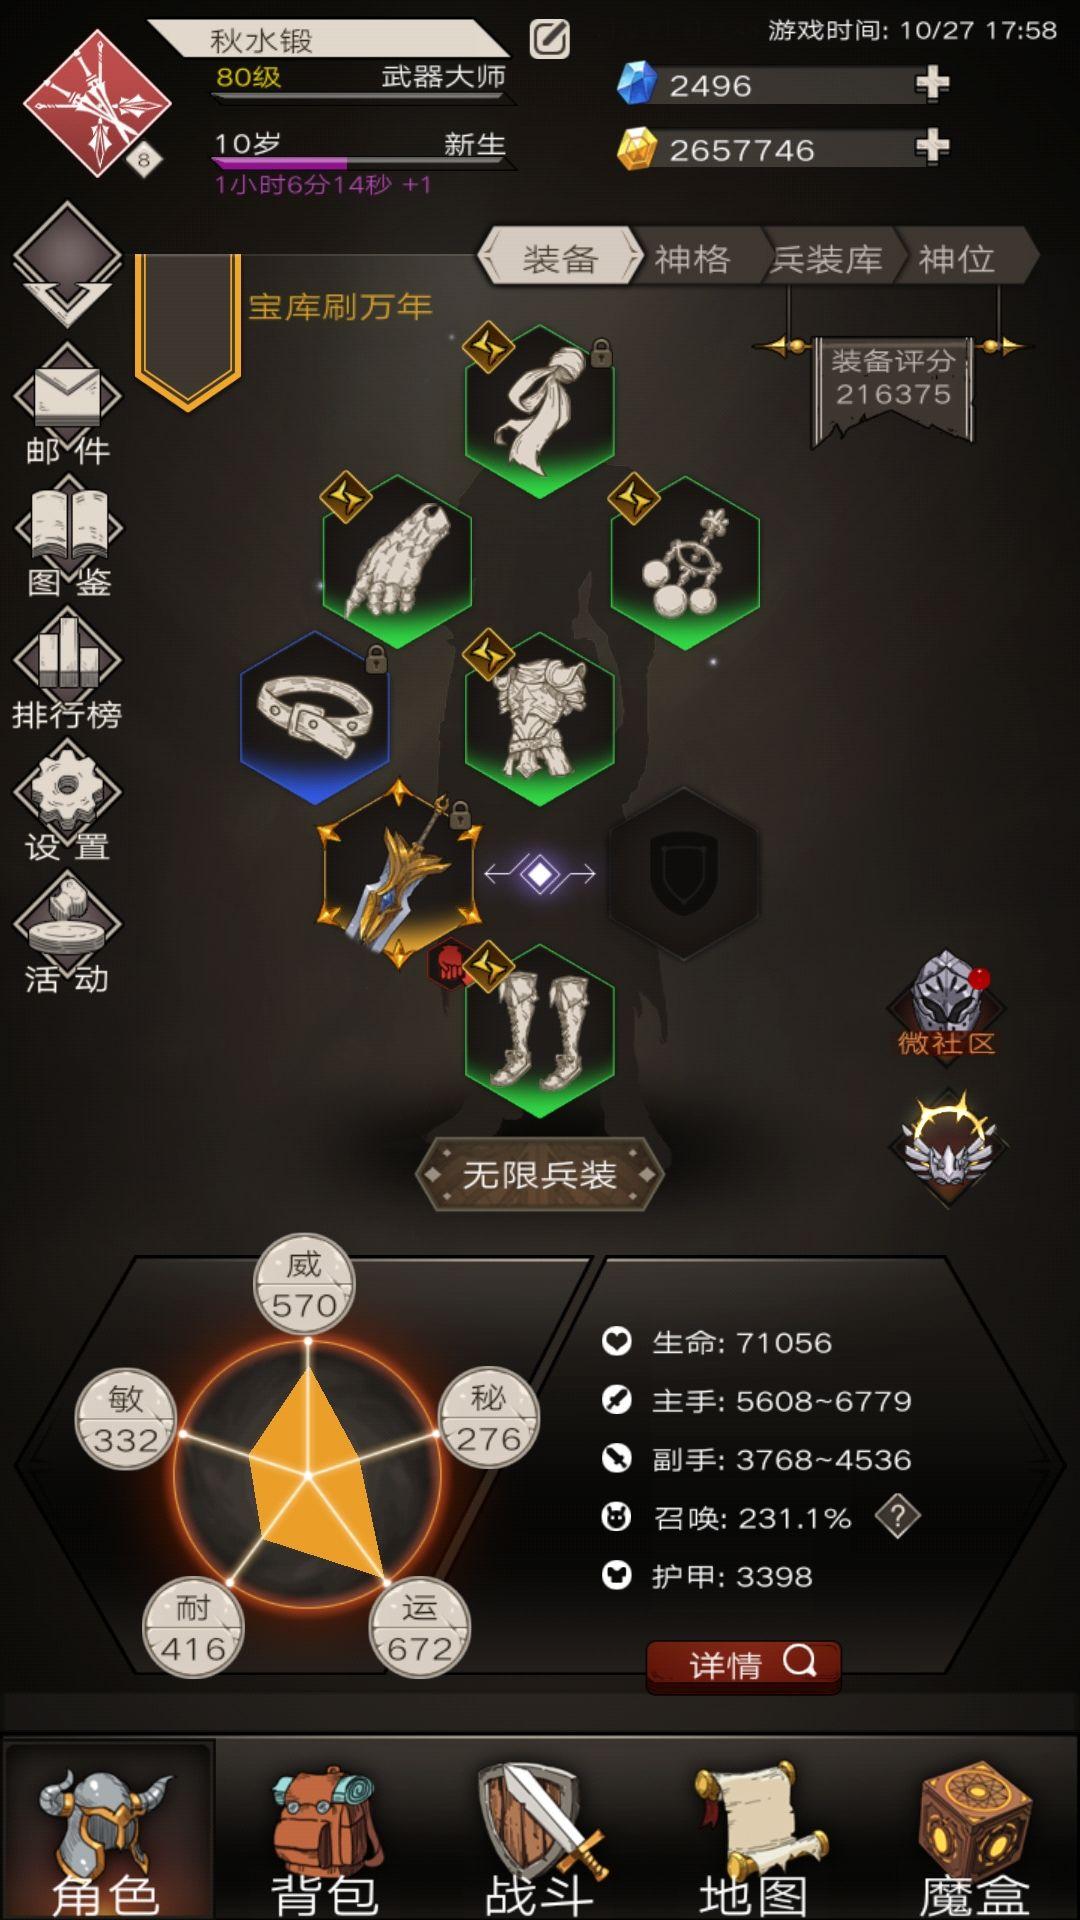 不朽之旅圣剑流怎么玩 圣剑星图装备推荐[多图]